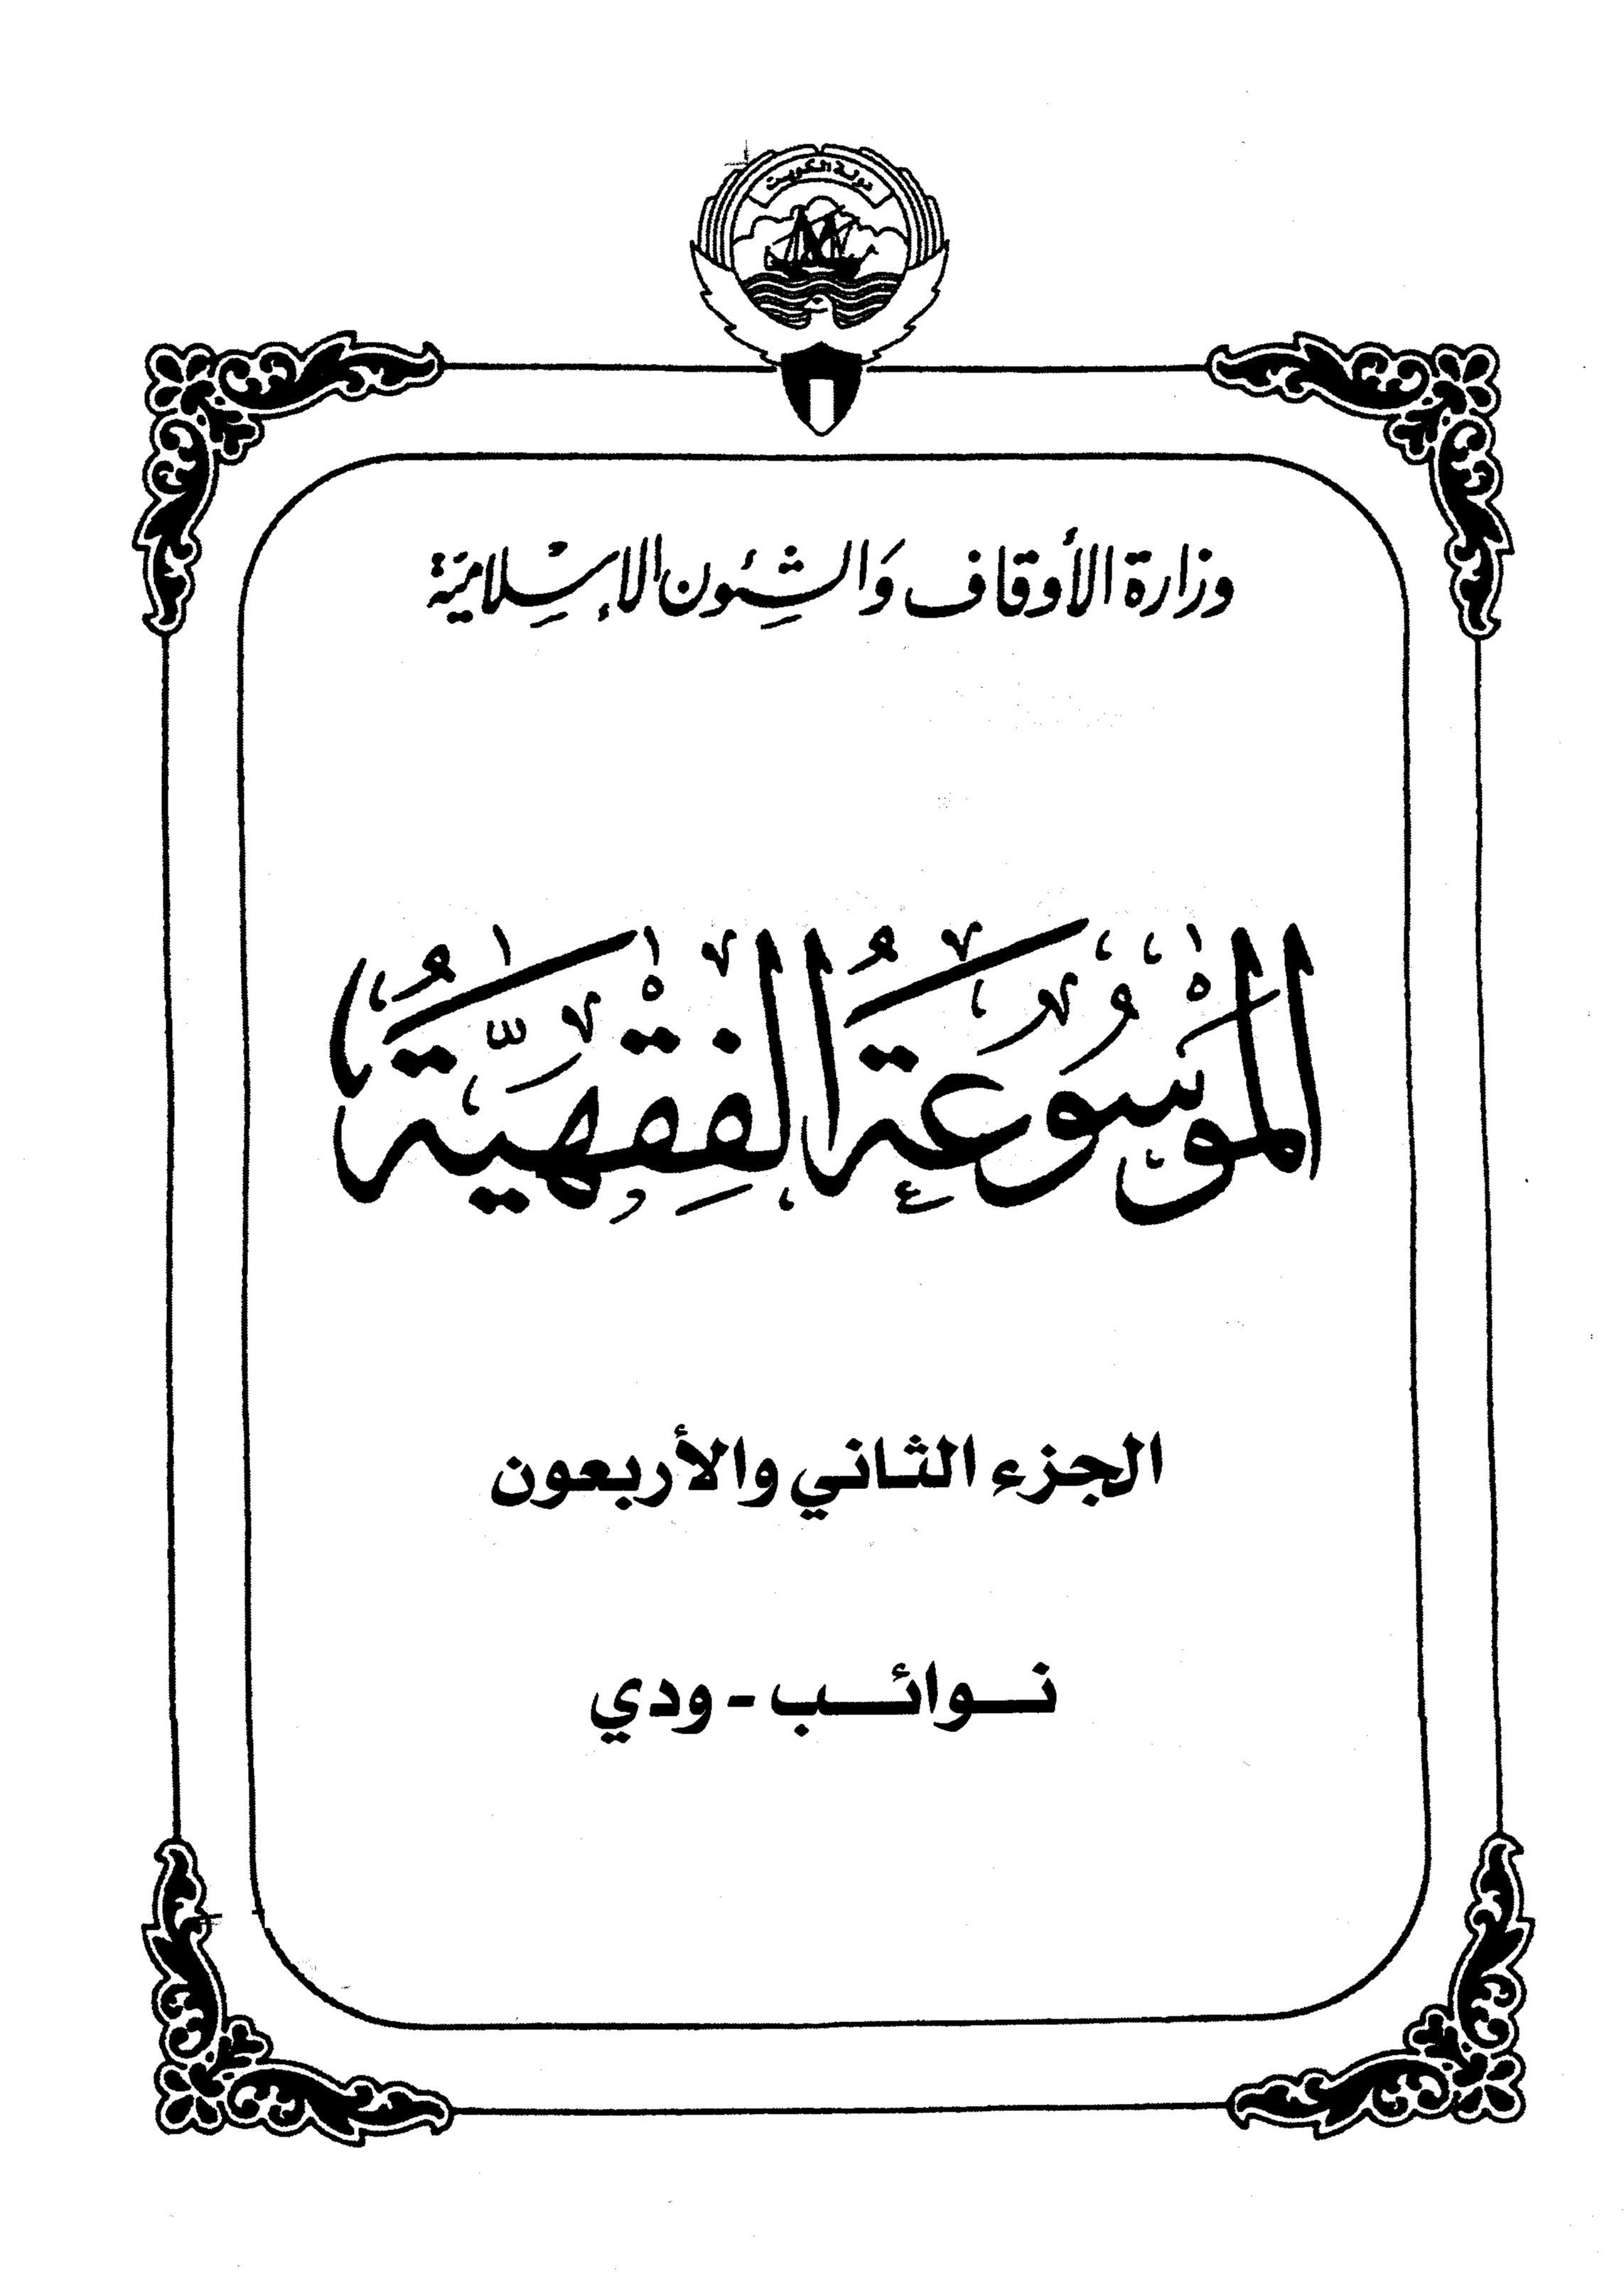 الموسوعة الفقهية الكويتية- الجزء الثانى والأربعون (نوائب - ودي)